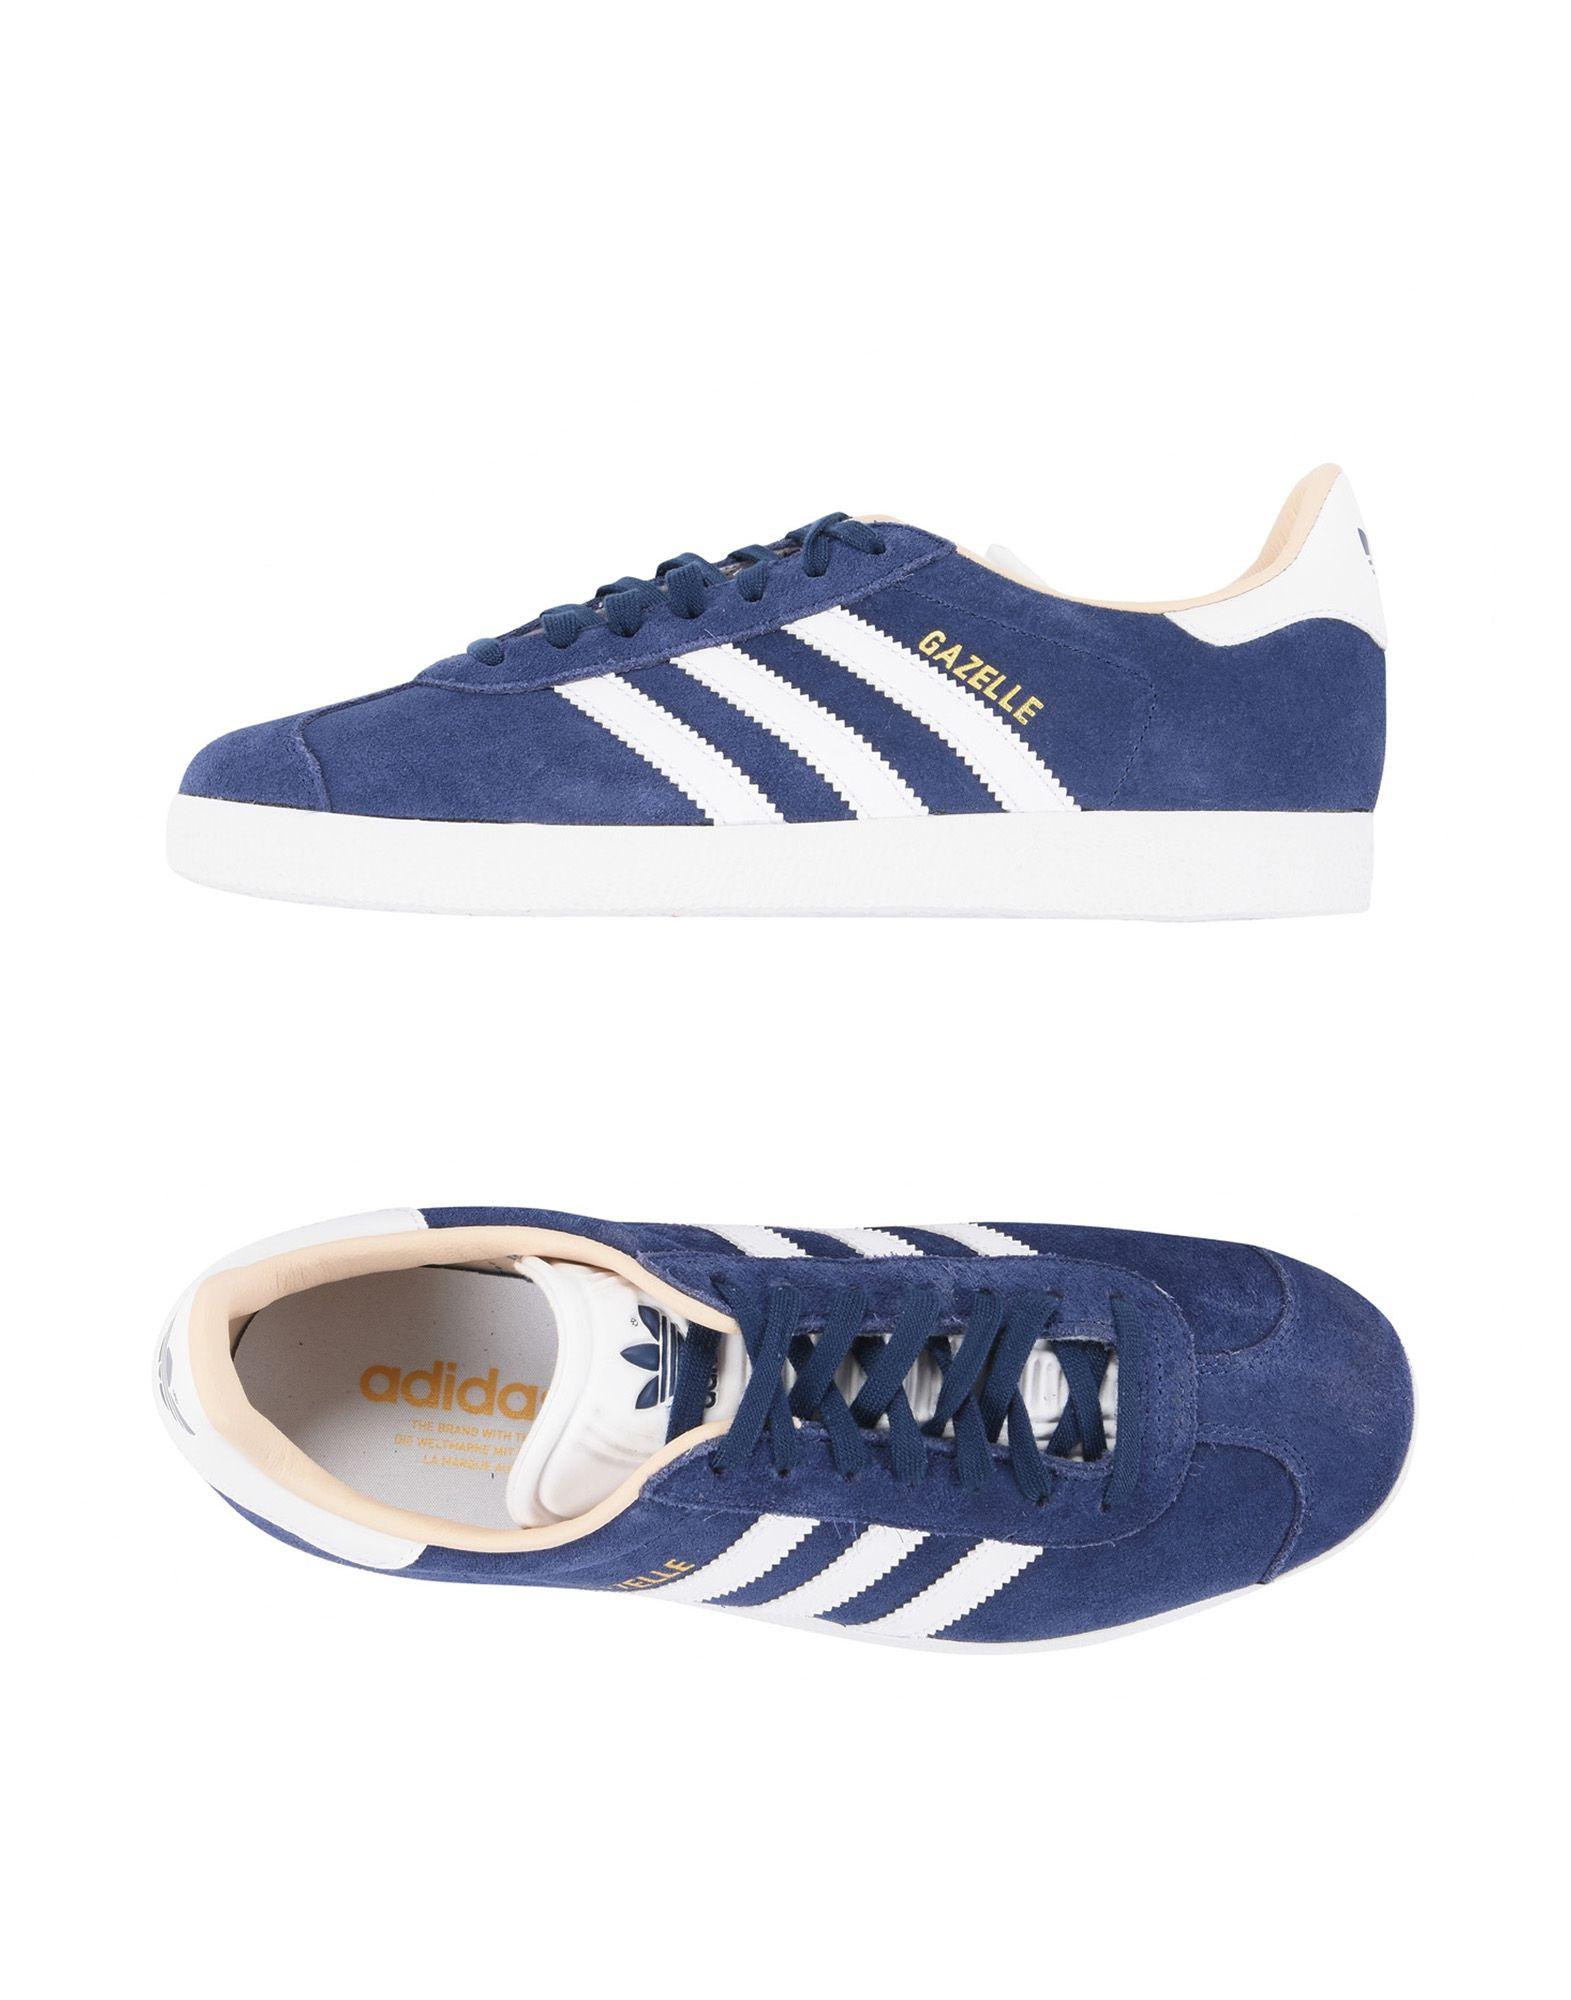 Adidas Originals Gazelle W  11415530NM Gute Qualität beliebte Schuhe